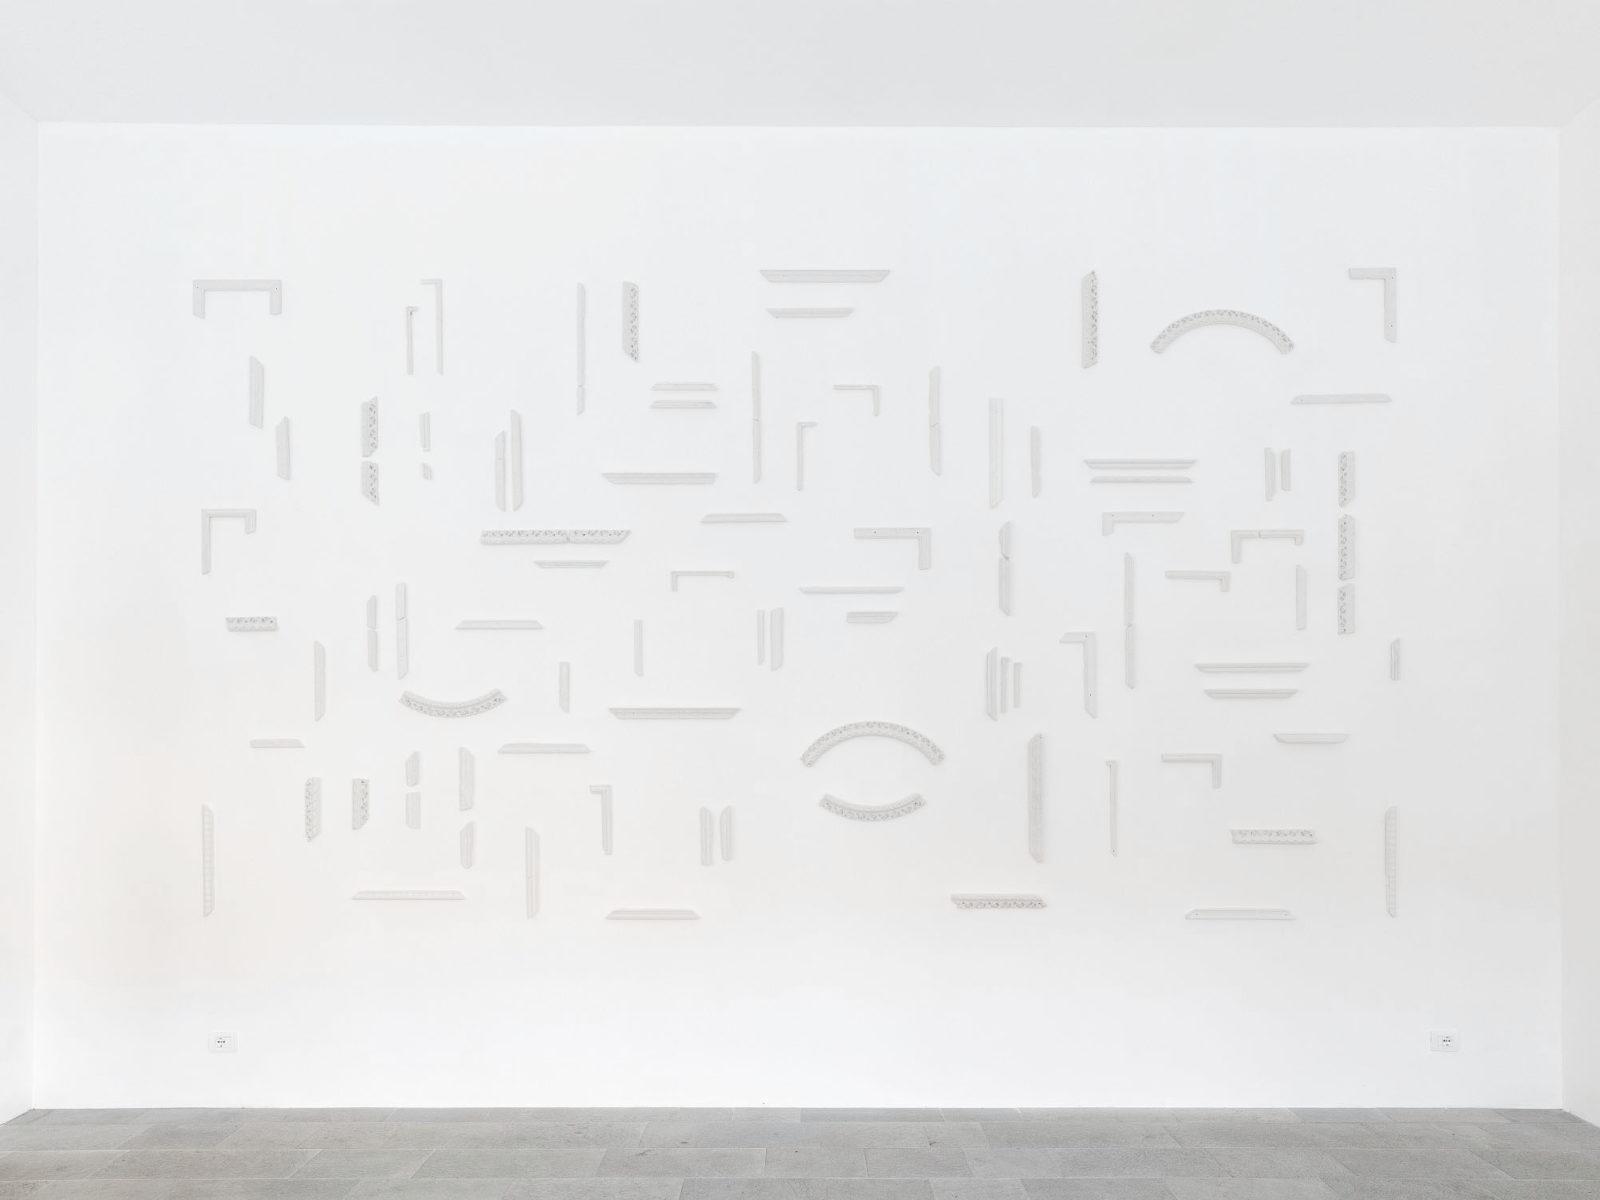 Penzo+Fiore, IlQuartoStato, 2019, installation, plaster frames, 293 x 545 cm, ph. G. Cecchinato